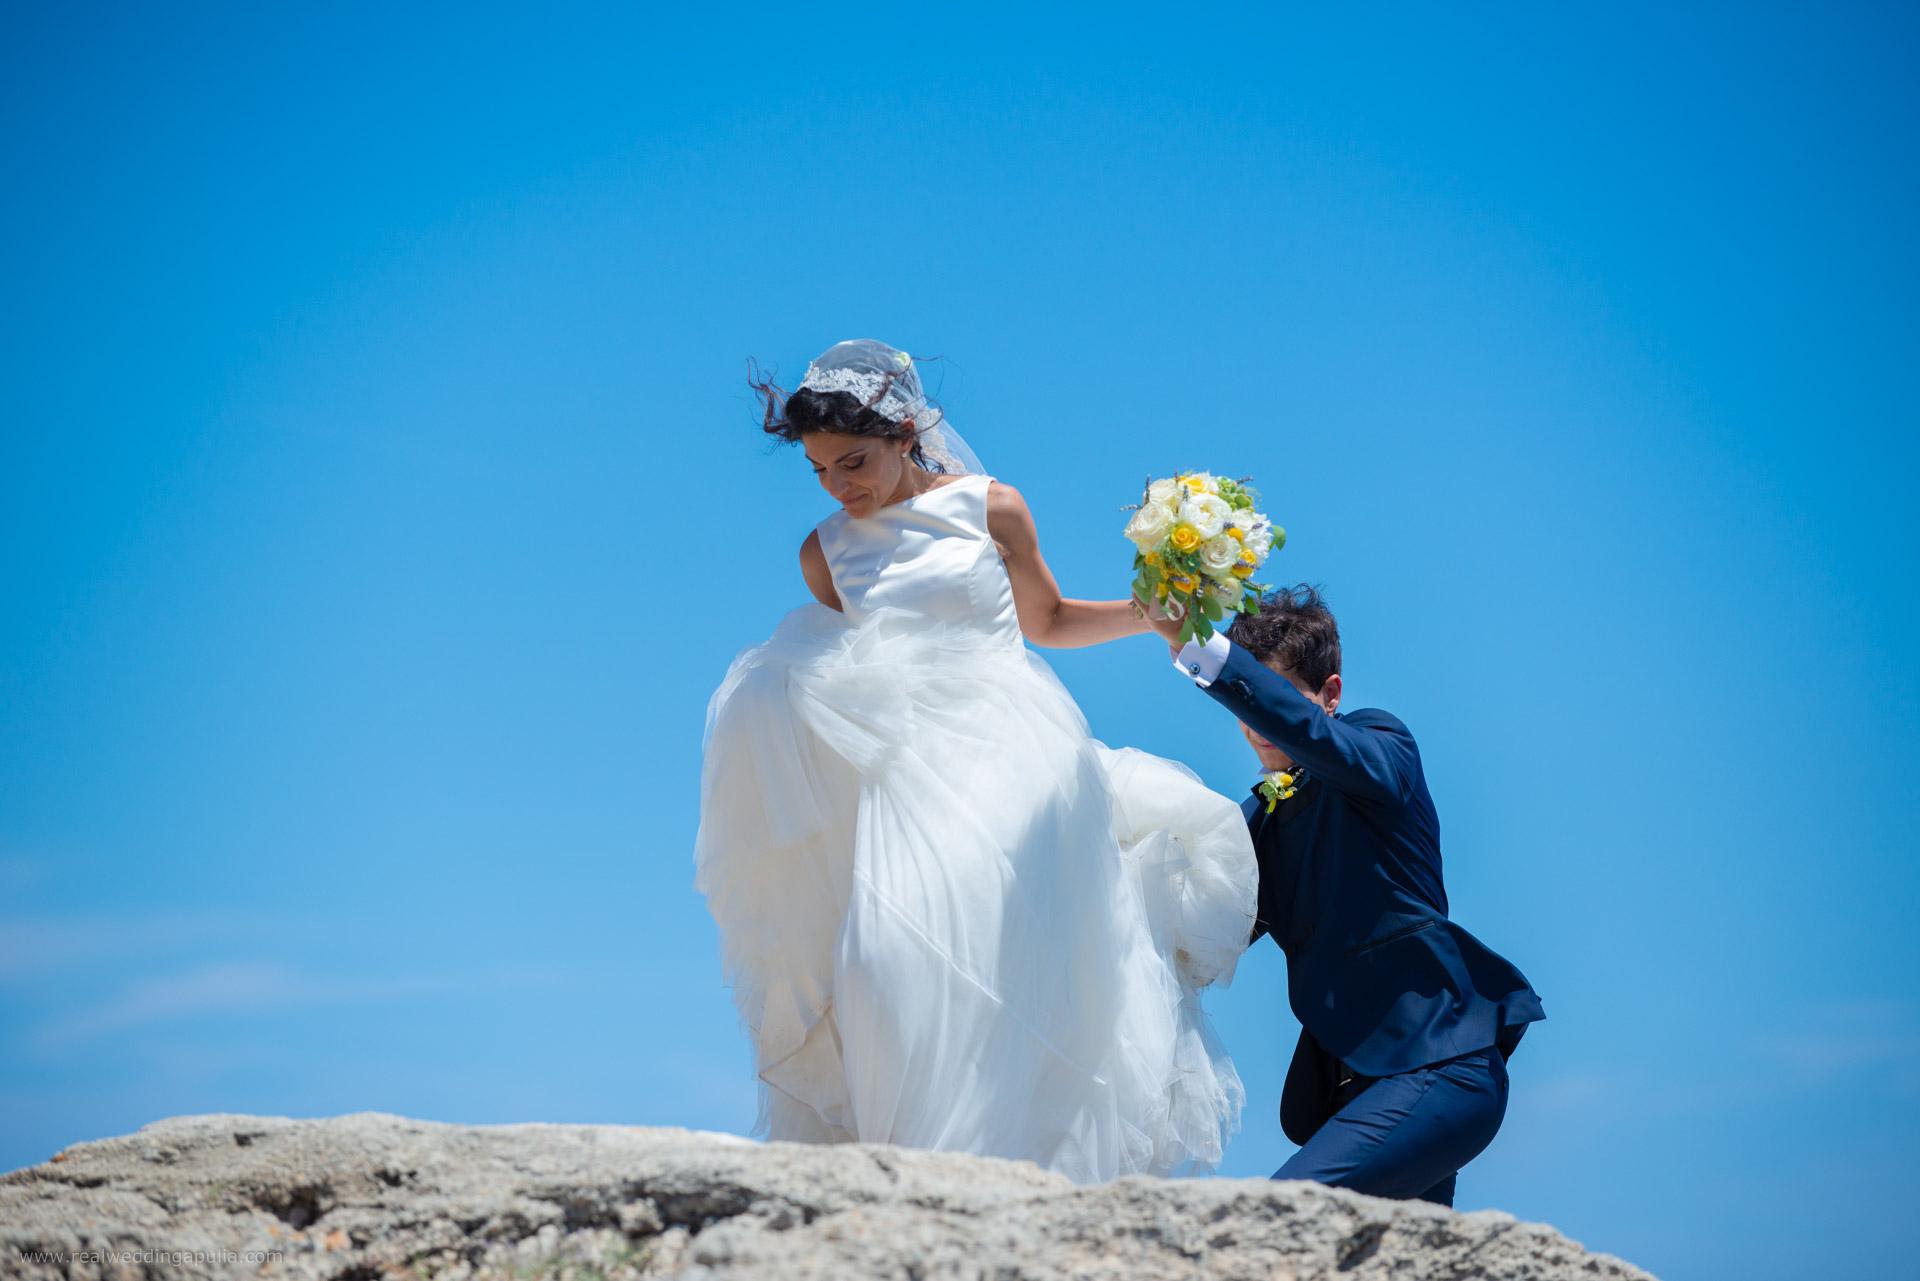 Fotografo di Matrimonio a Lecce, provincia di Lecce, Salento e Puglia nello stile spontaneo del reportage e della fotografia autentica per gli sposi. Wedding Photographer in Puglia Salento Lecce